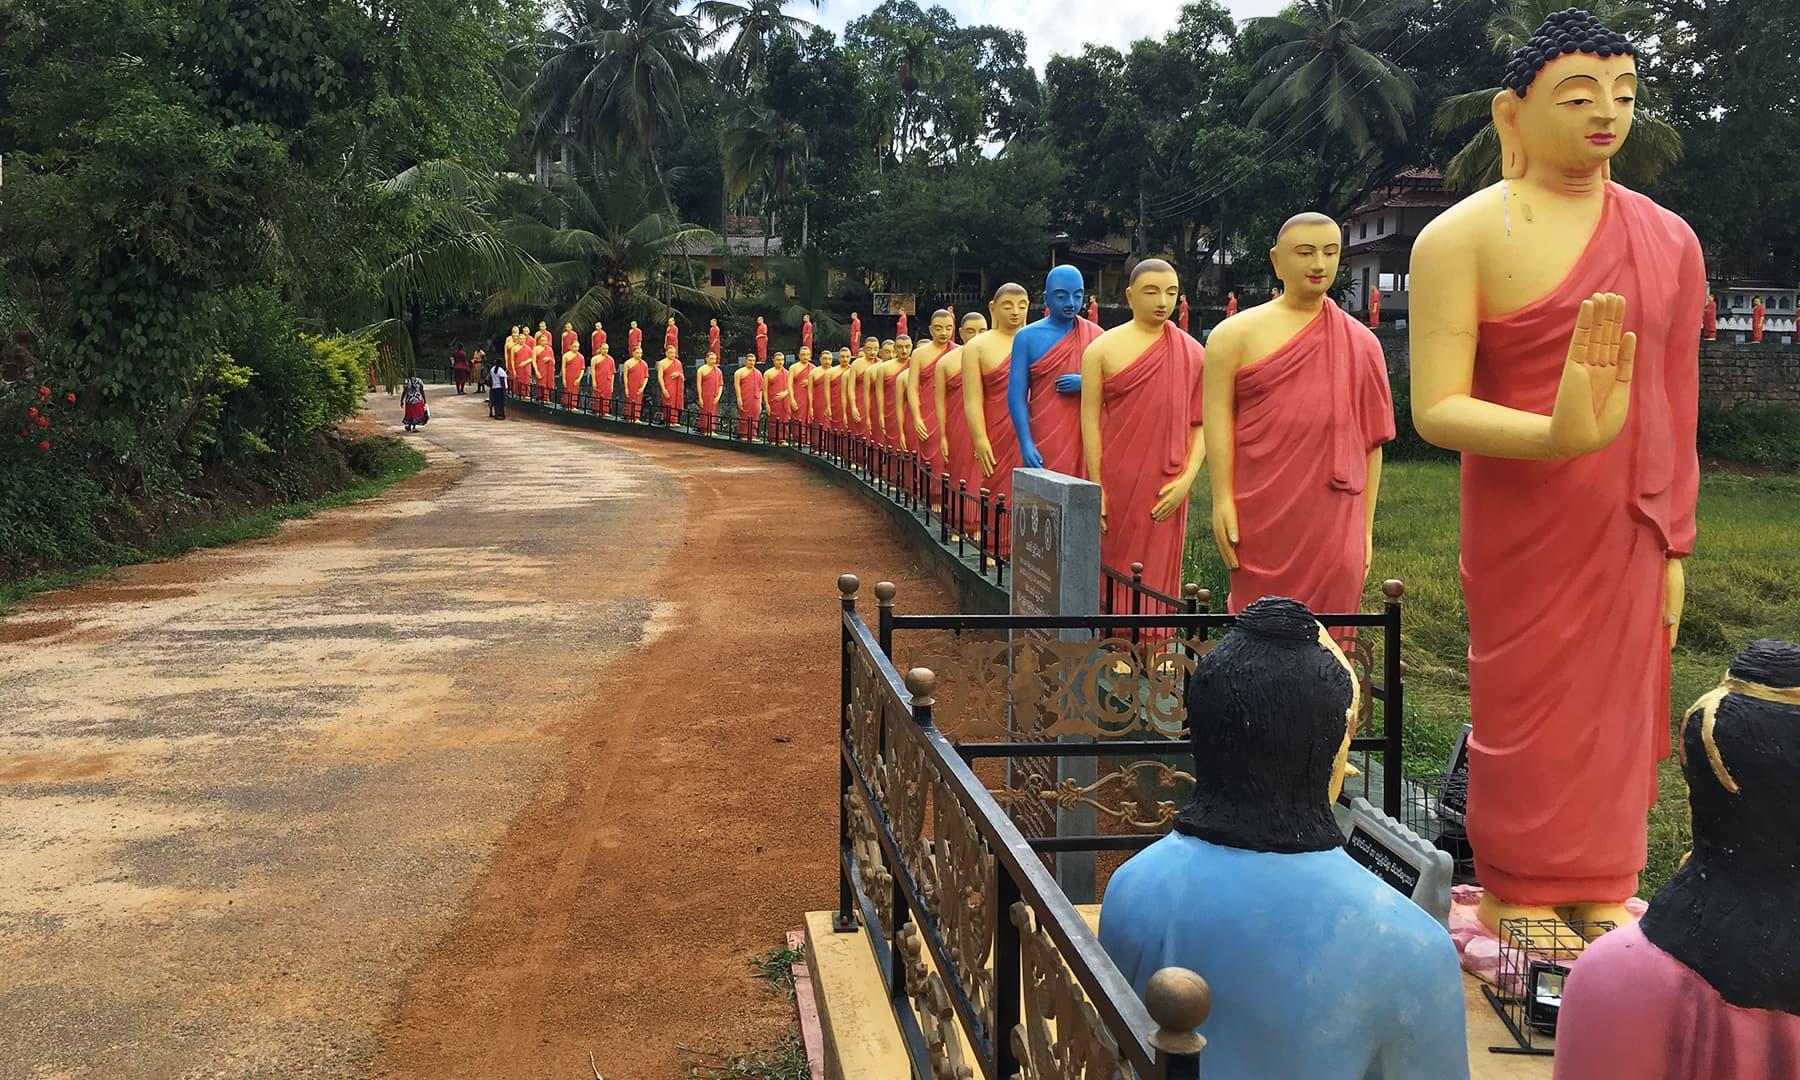 سری لنکا میں ایستادہ بدھ مت سے منسوب مجسمے—تصویر امتیاز احمد